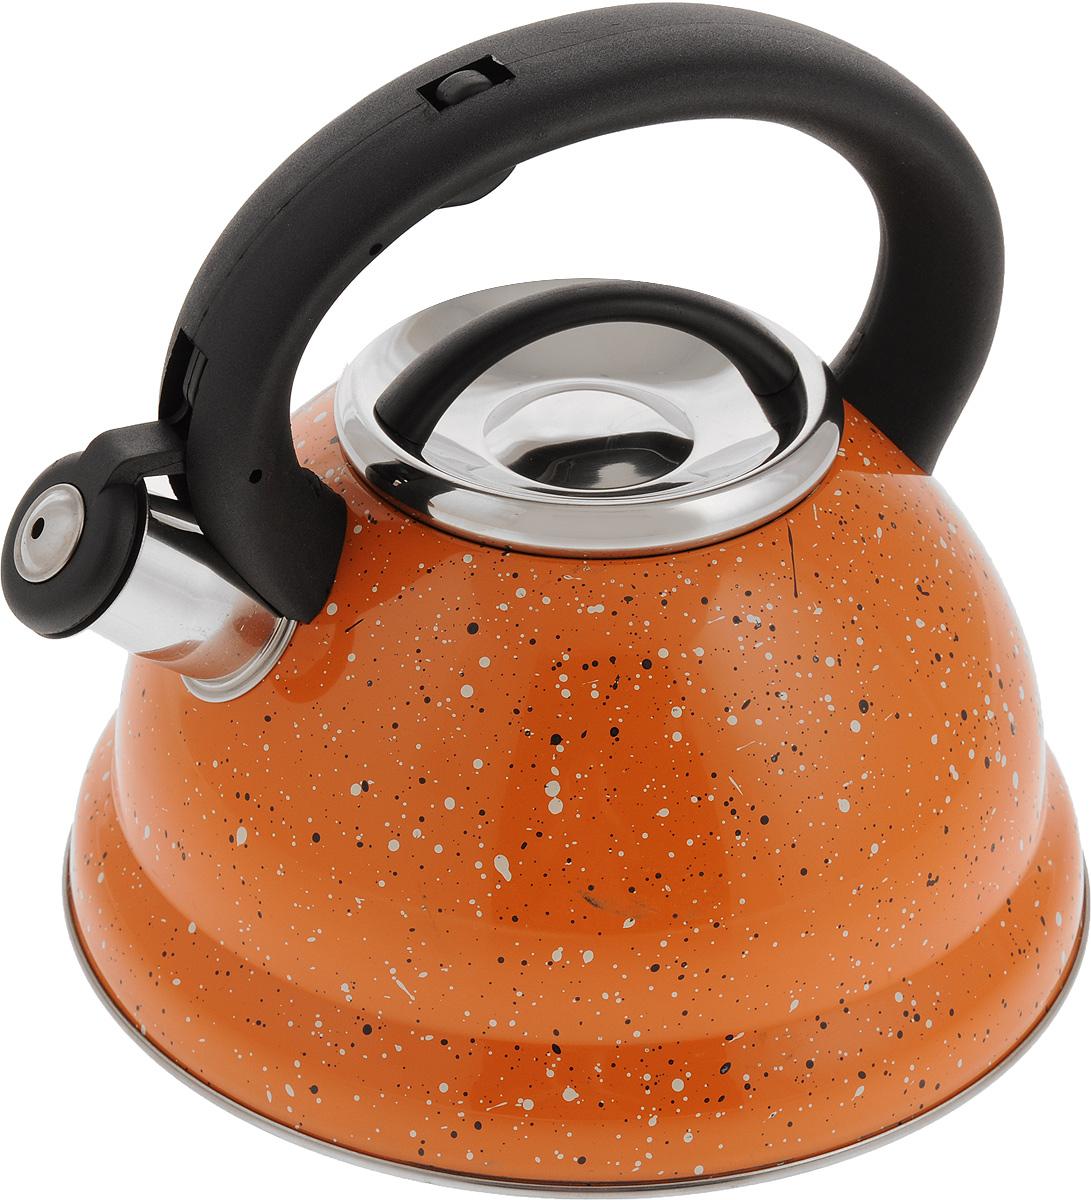 Чайник Mayer & Boch, со свистком, 2,8 л. 2497024970Чайник Mayer & Boch выполнен из высококачественной нержавеющей стали. Фиксированная ручка, изготовленная из пластика и нержавеющей стали, снабжена клавишей для открывания носика, что делает использование чайника очень удобным и безопасным. Носик снабжен свистком, что позволит вам контролировать процесс подогрева или кипячения воды. Эстетичный и функциональный чайник будет оригинально смотреться в любом интерьере. Подходит для всех видов плит, включая индукционные. Можно мыть в посудомоечной машине.Диаметр чайника (по верхнему краю): 10 см.Диаметр основания: 22 см. Высота чайника (с учетом ручки): 20,5 см.